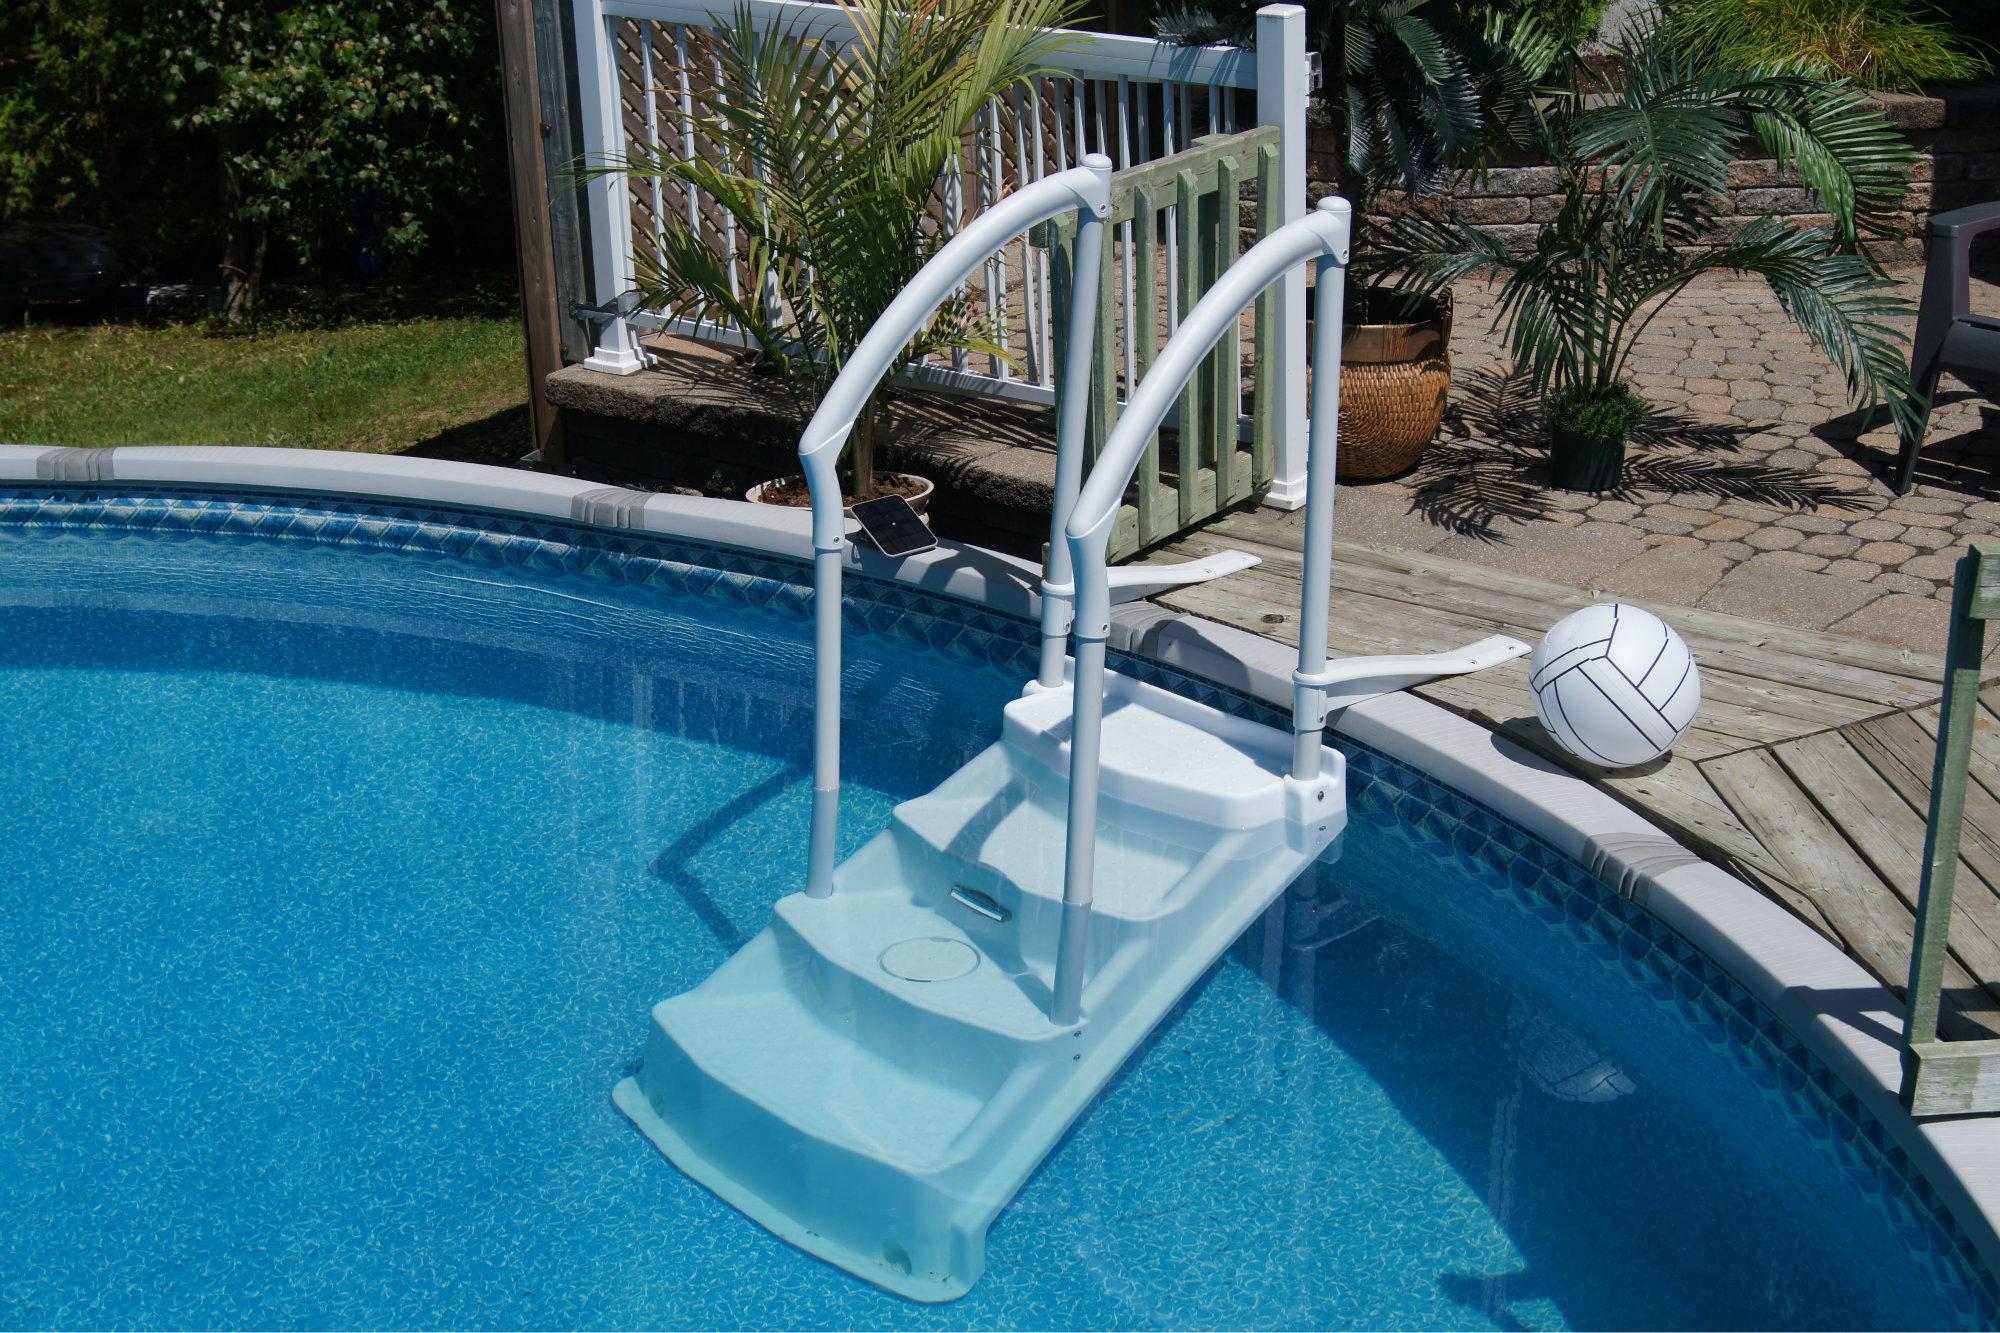 Plastic Dog Pool